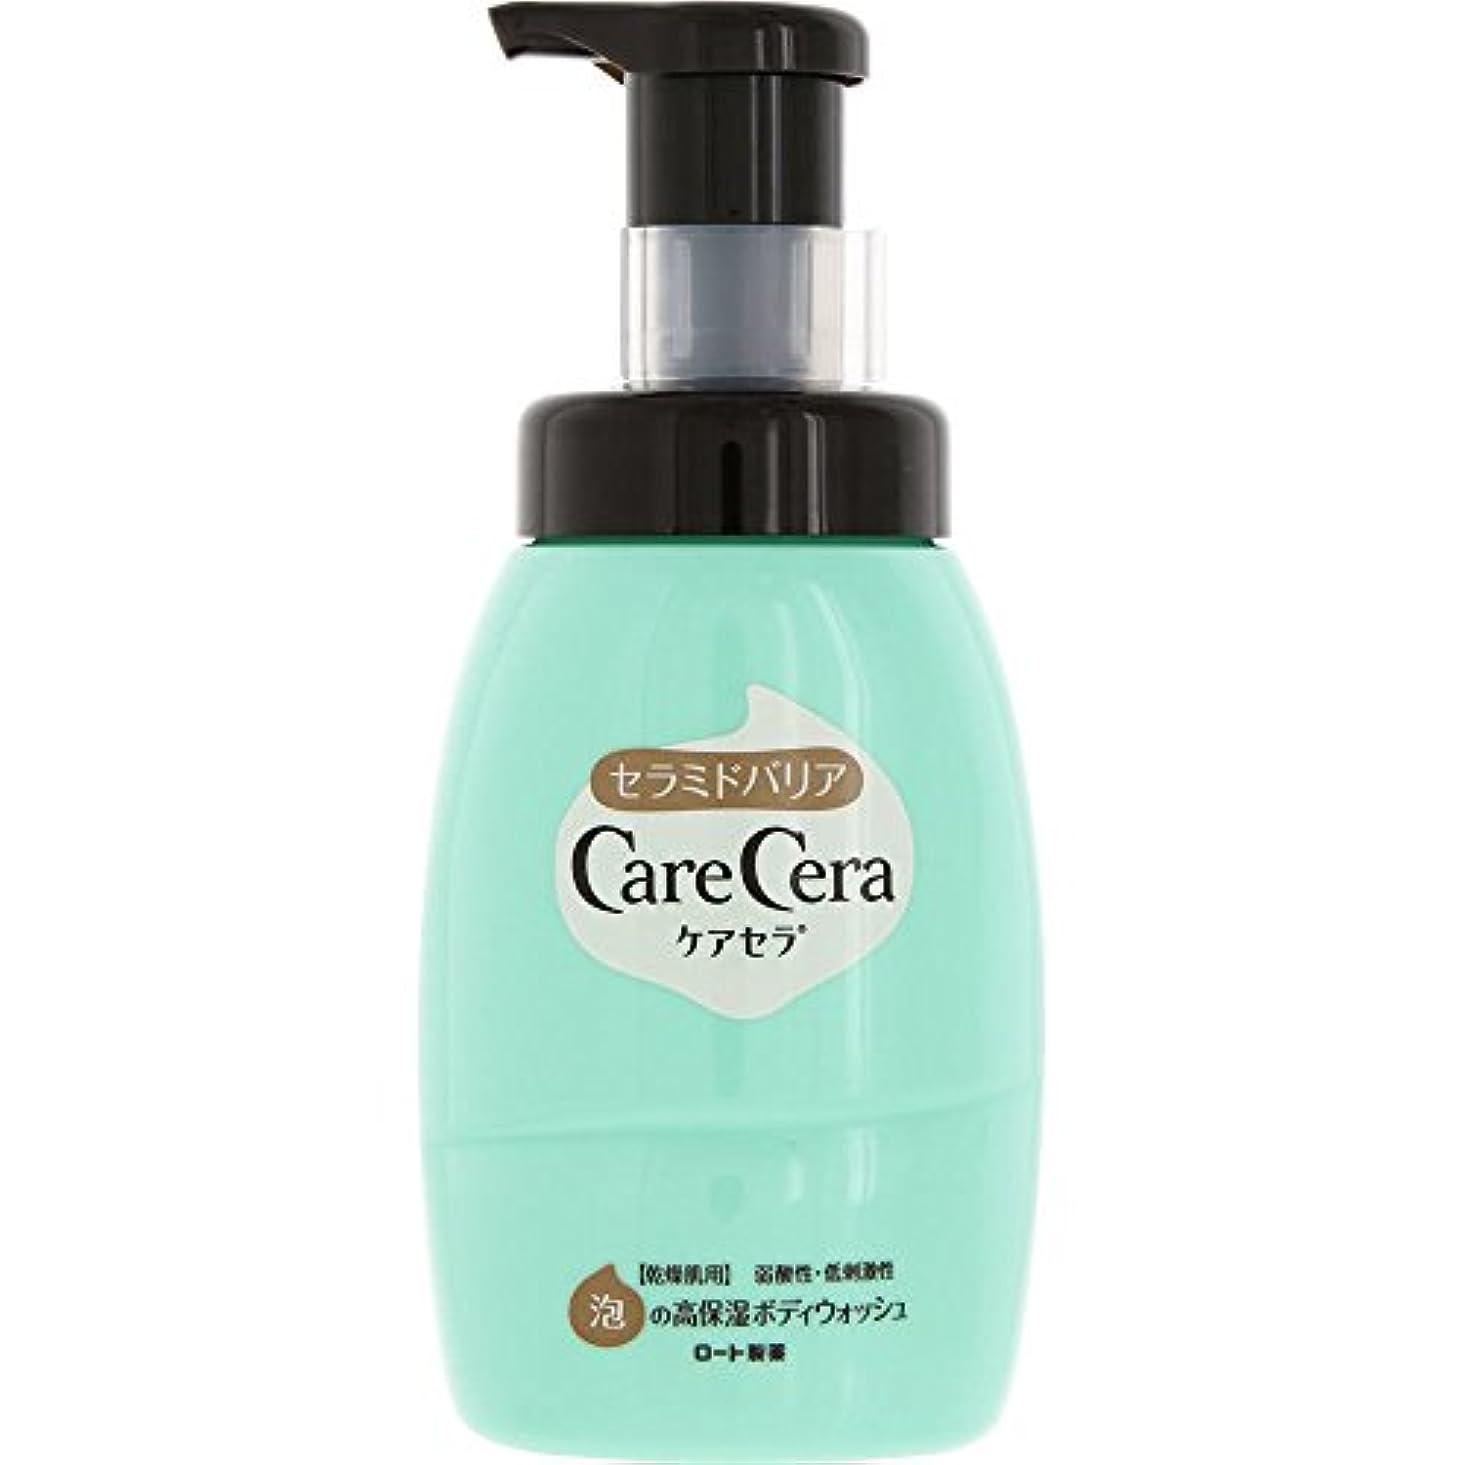 量でファイル酒ケアセラ(CareCera) ロート製薬 ケアセラ  天然型セラミド7種配合 セラミド濃度10倍泡の高保湿 全身ボディウォッシュ ピュアフローラルの香り お試し企画品 300mL